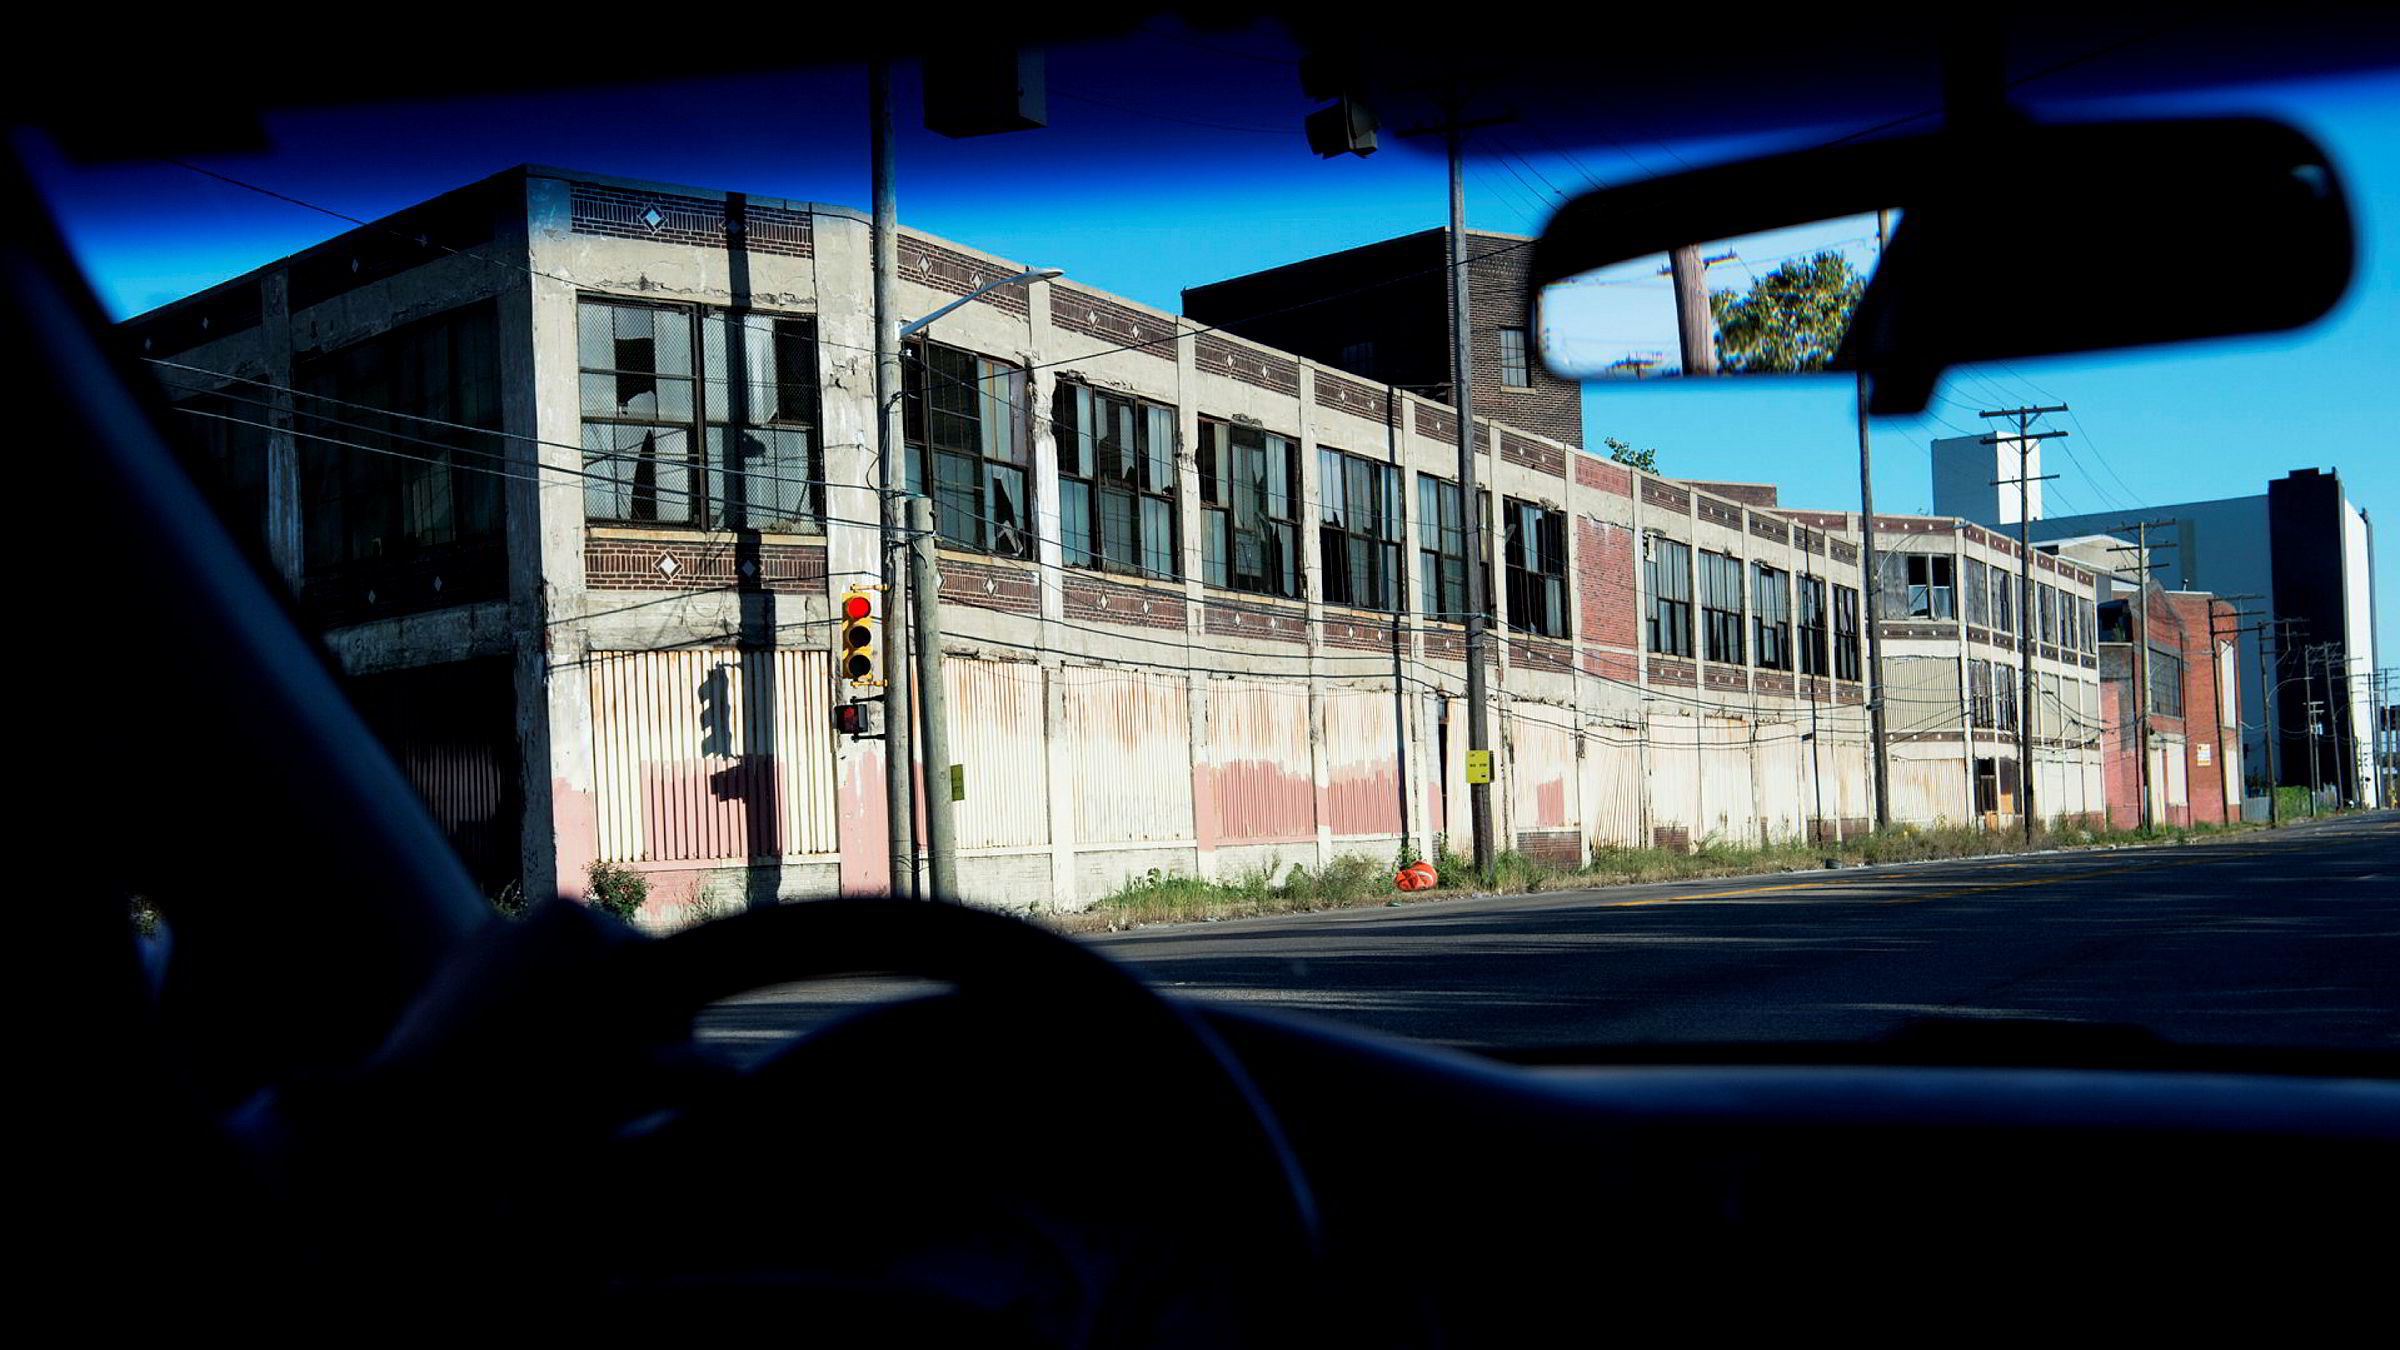 Industriarbeiderne i det amerikanske rustbeltet kunne ikke lenger pakke bilen og dra mot vest, for det var like ille der, skriver Victor D. Norman i kronikken. Det forlatte fabrikkbygget på bildet står i Detroit i USA.